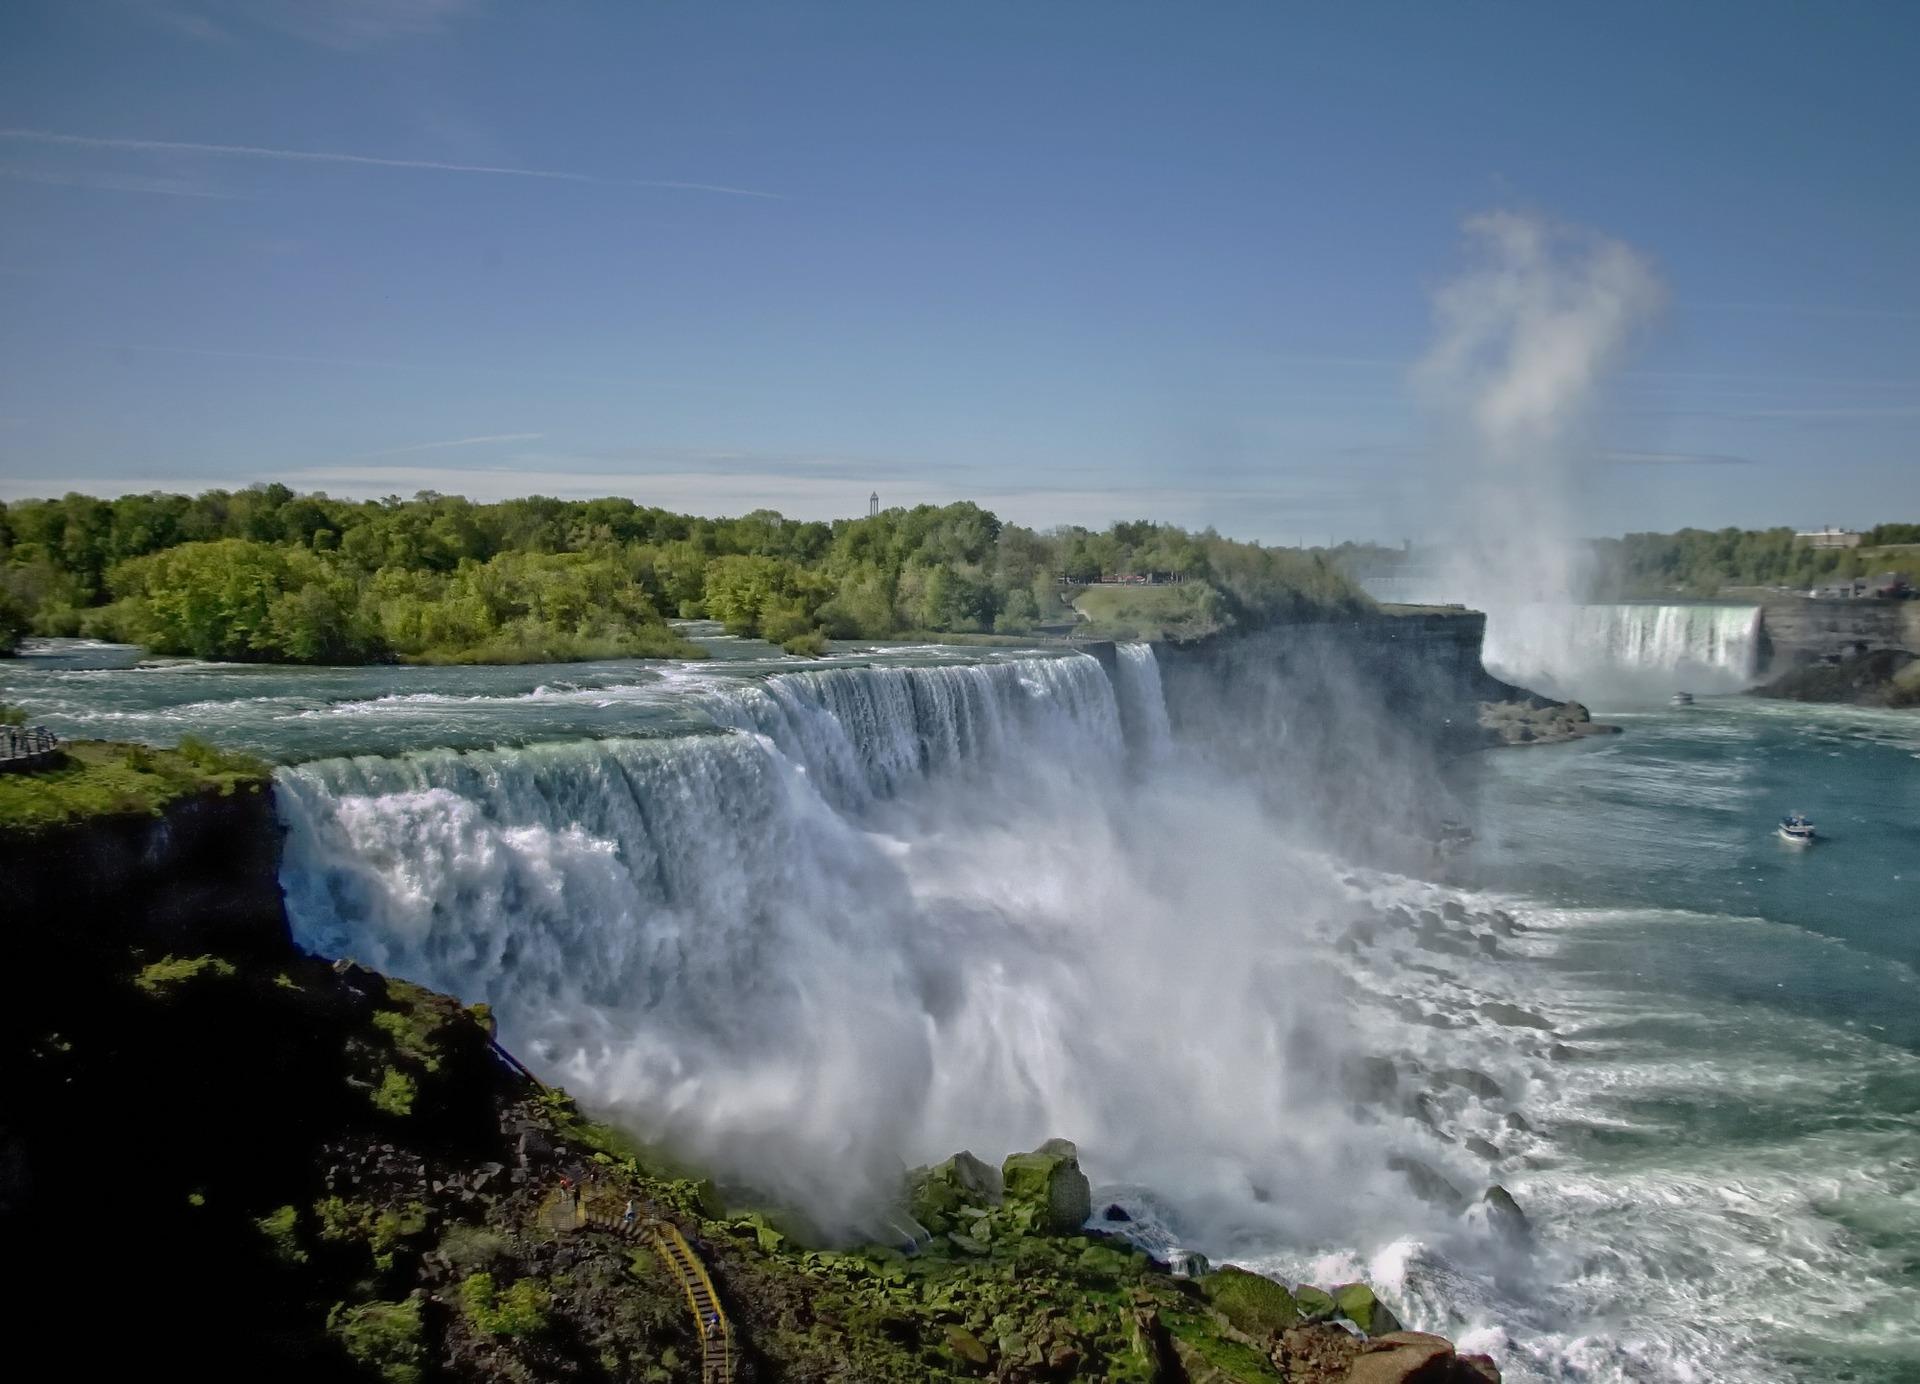 Visiting the Niagara Falls